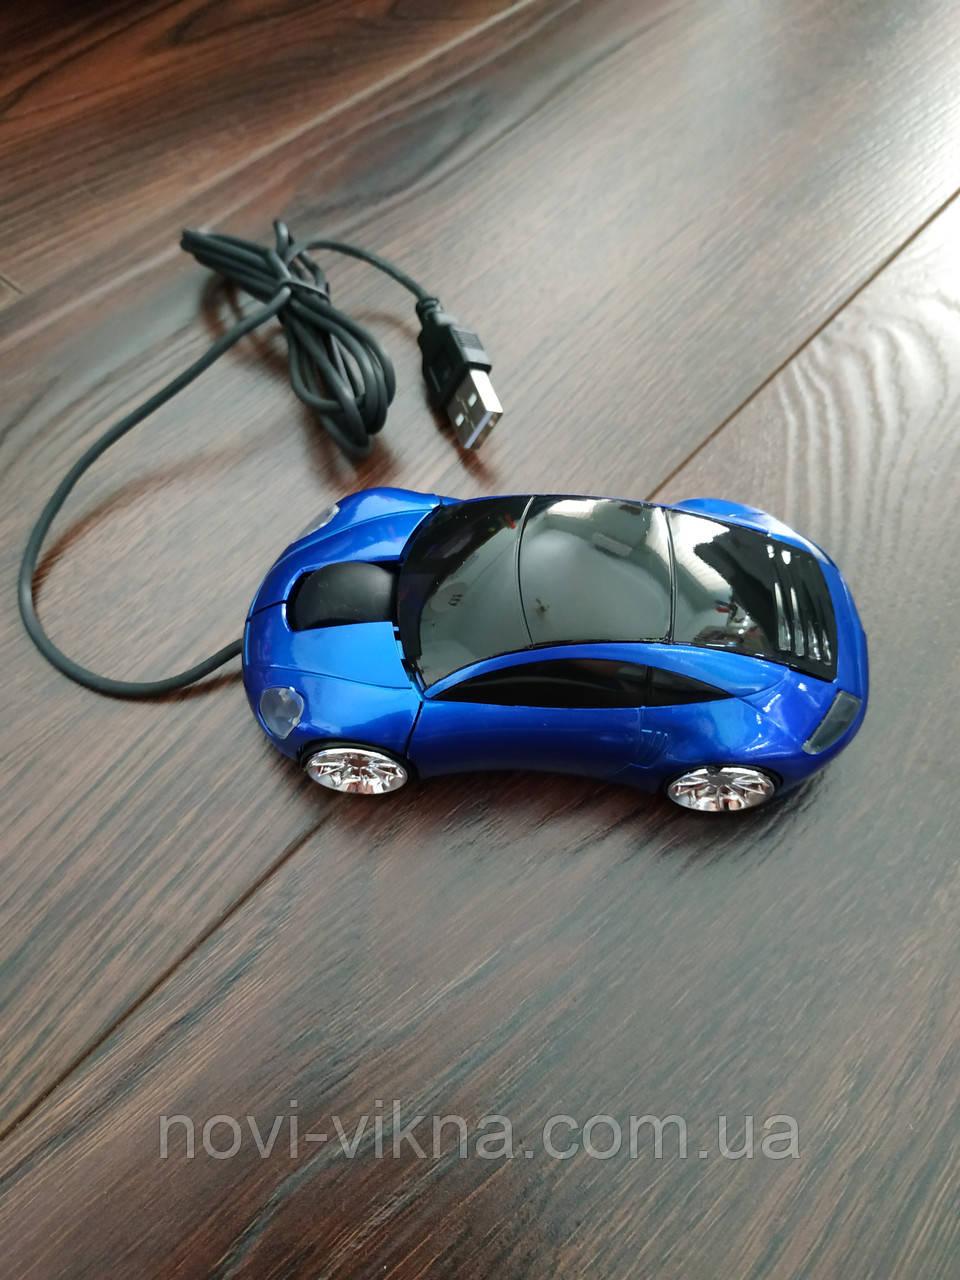 Мышь компьютерная проводная, синяя.